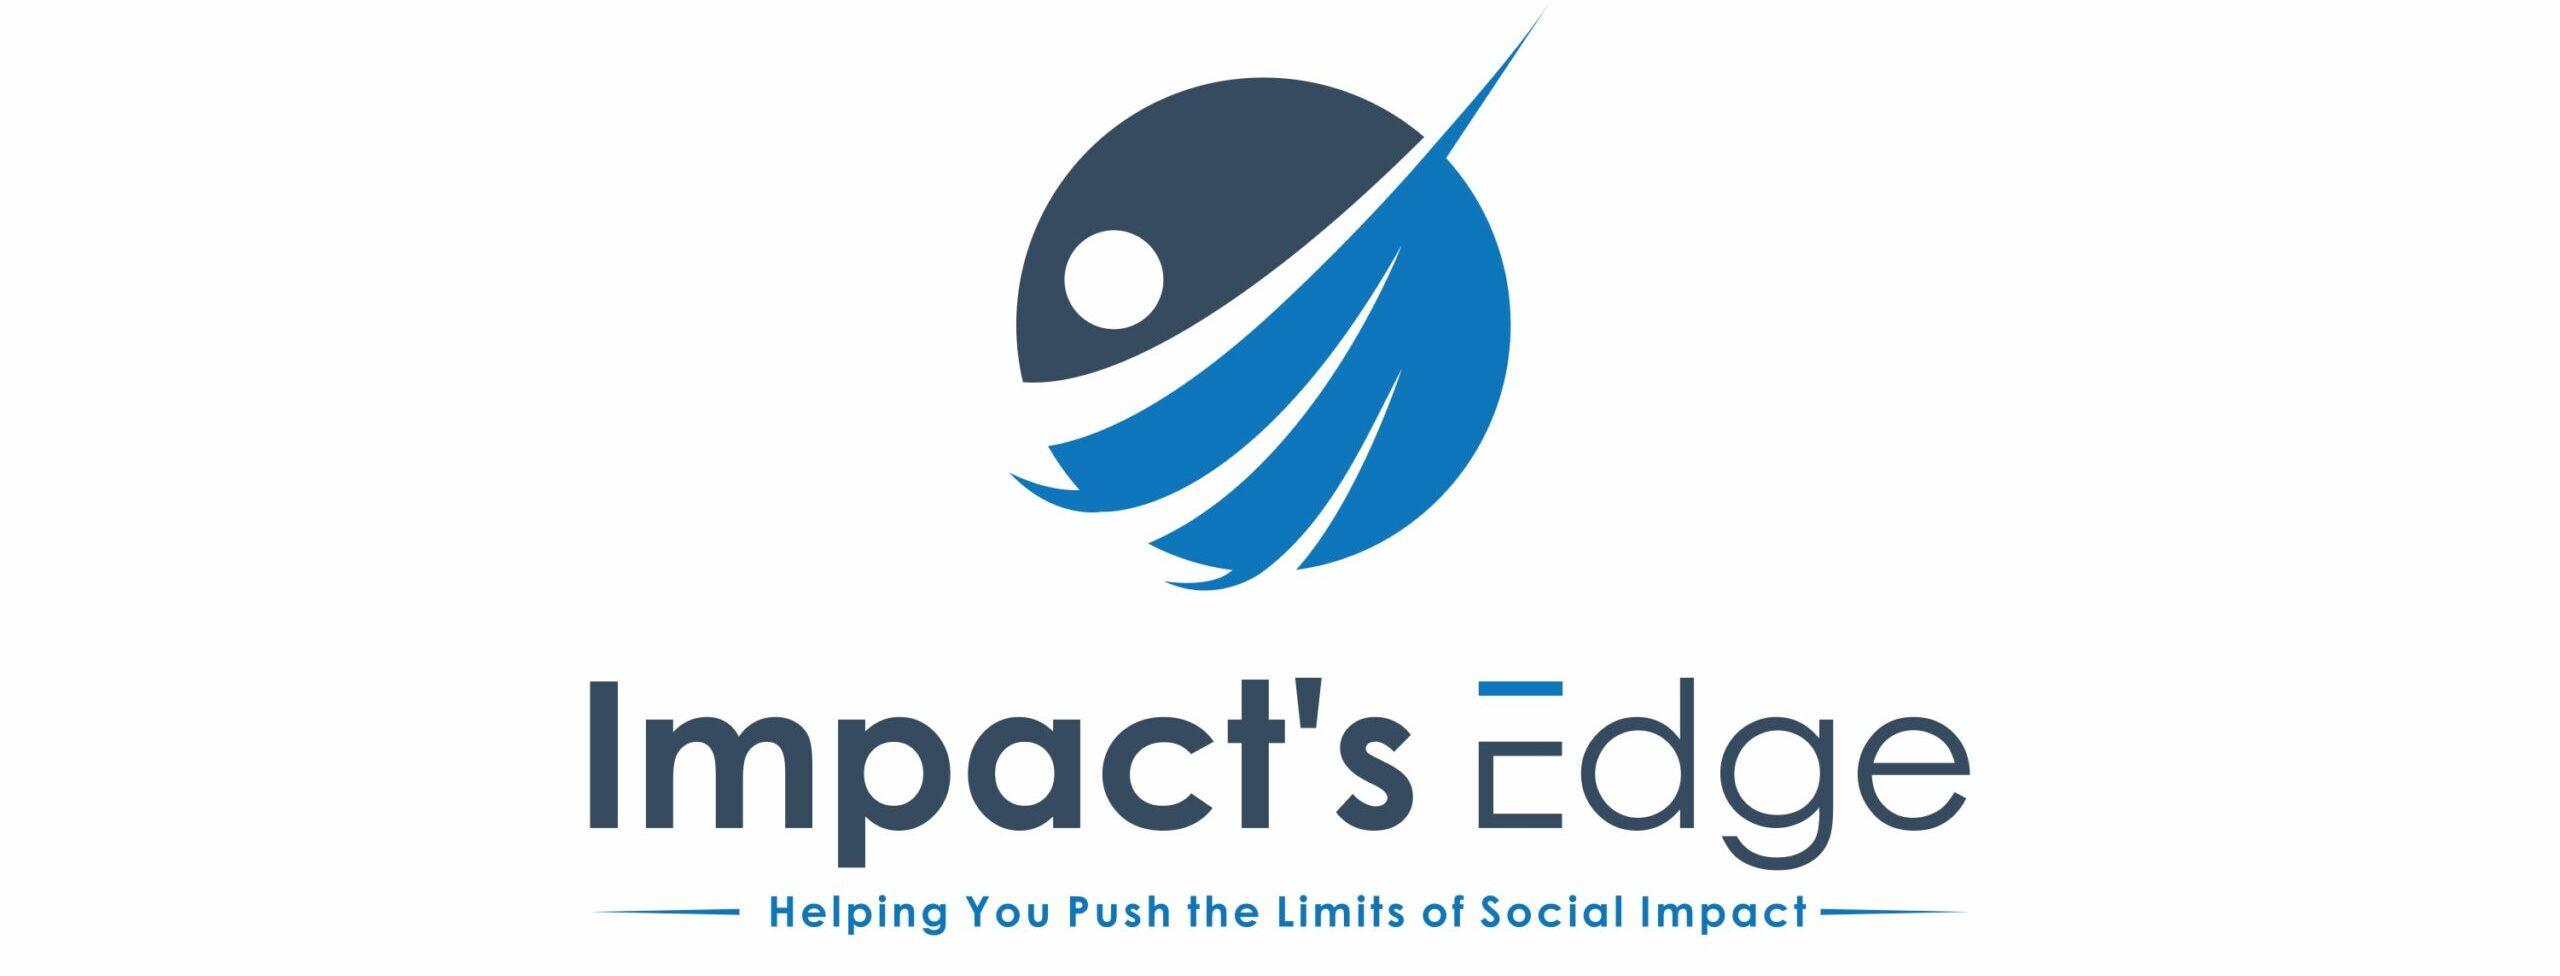 Impact's Edge